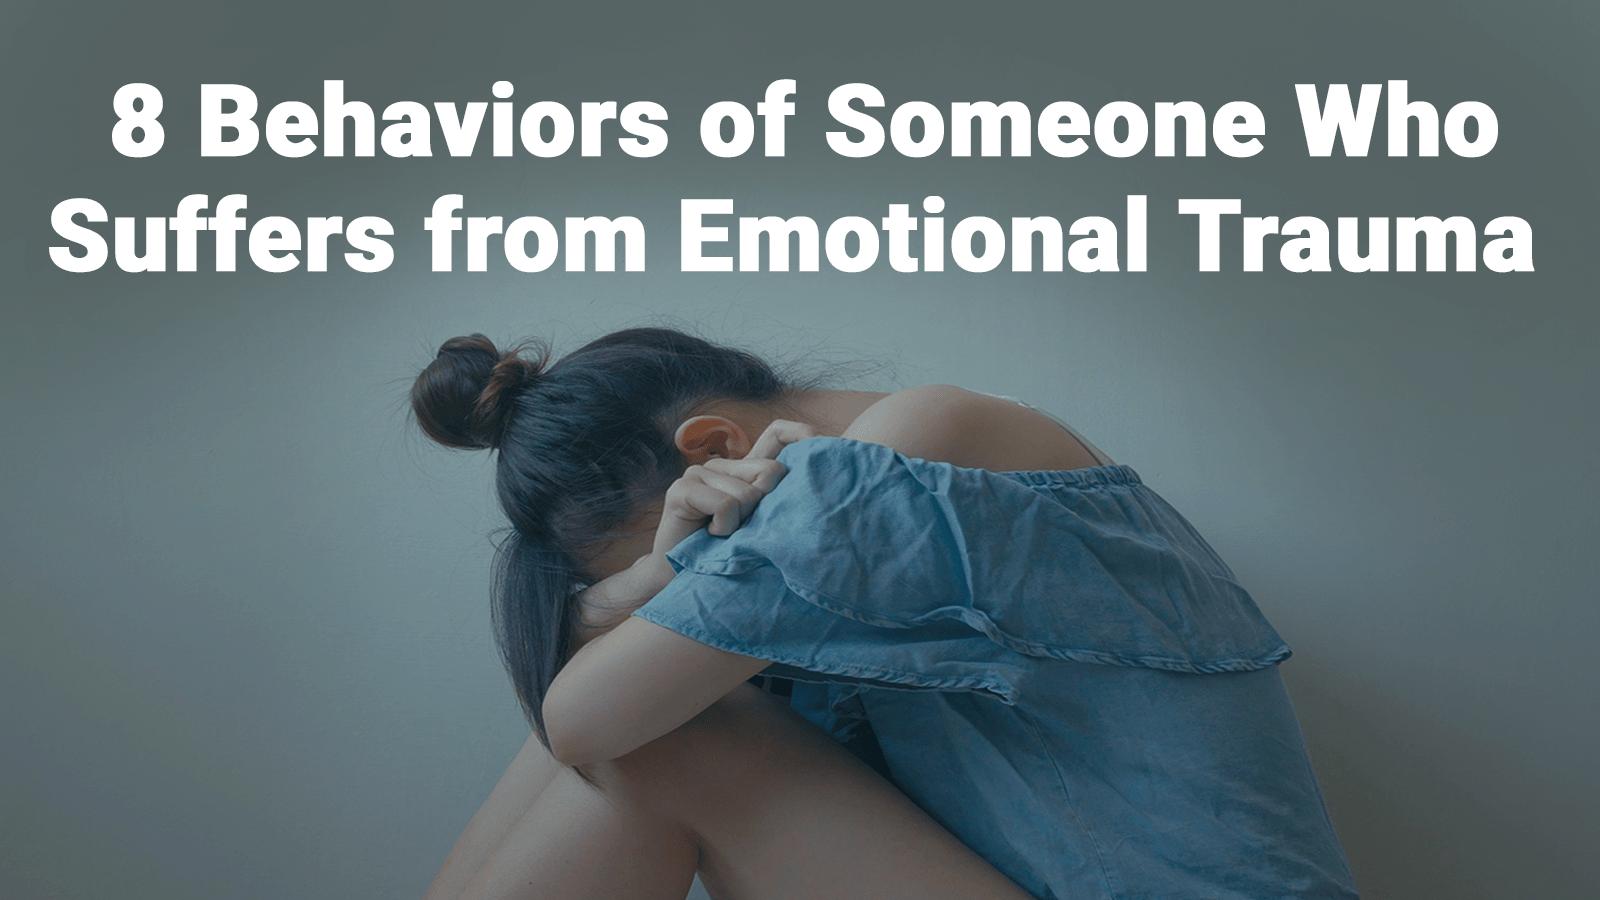 emotional trauma